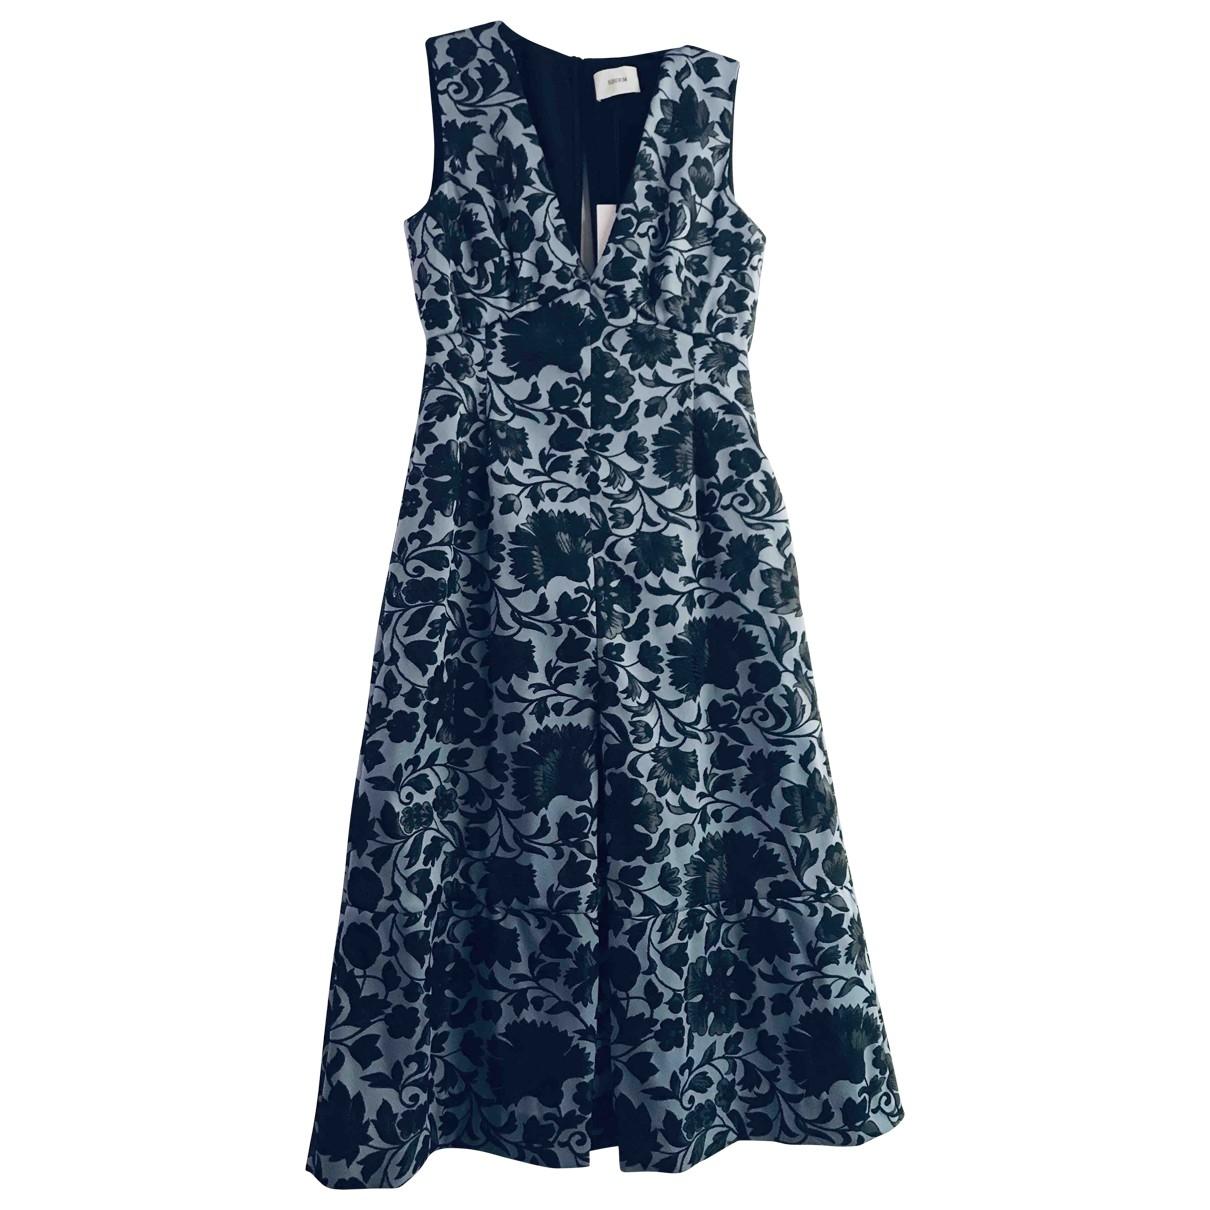 Erdem \N Multicolour dress for Women 42 IT